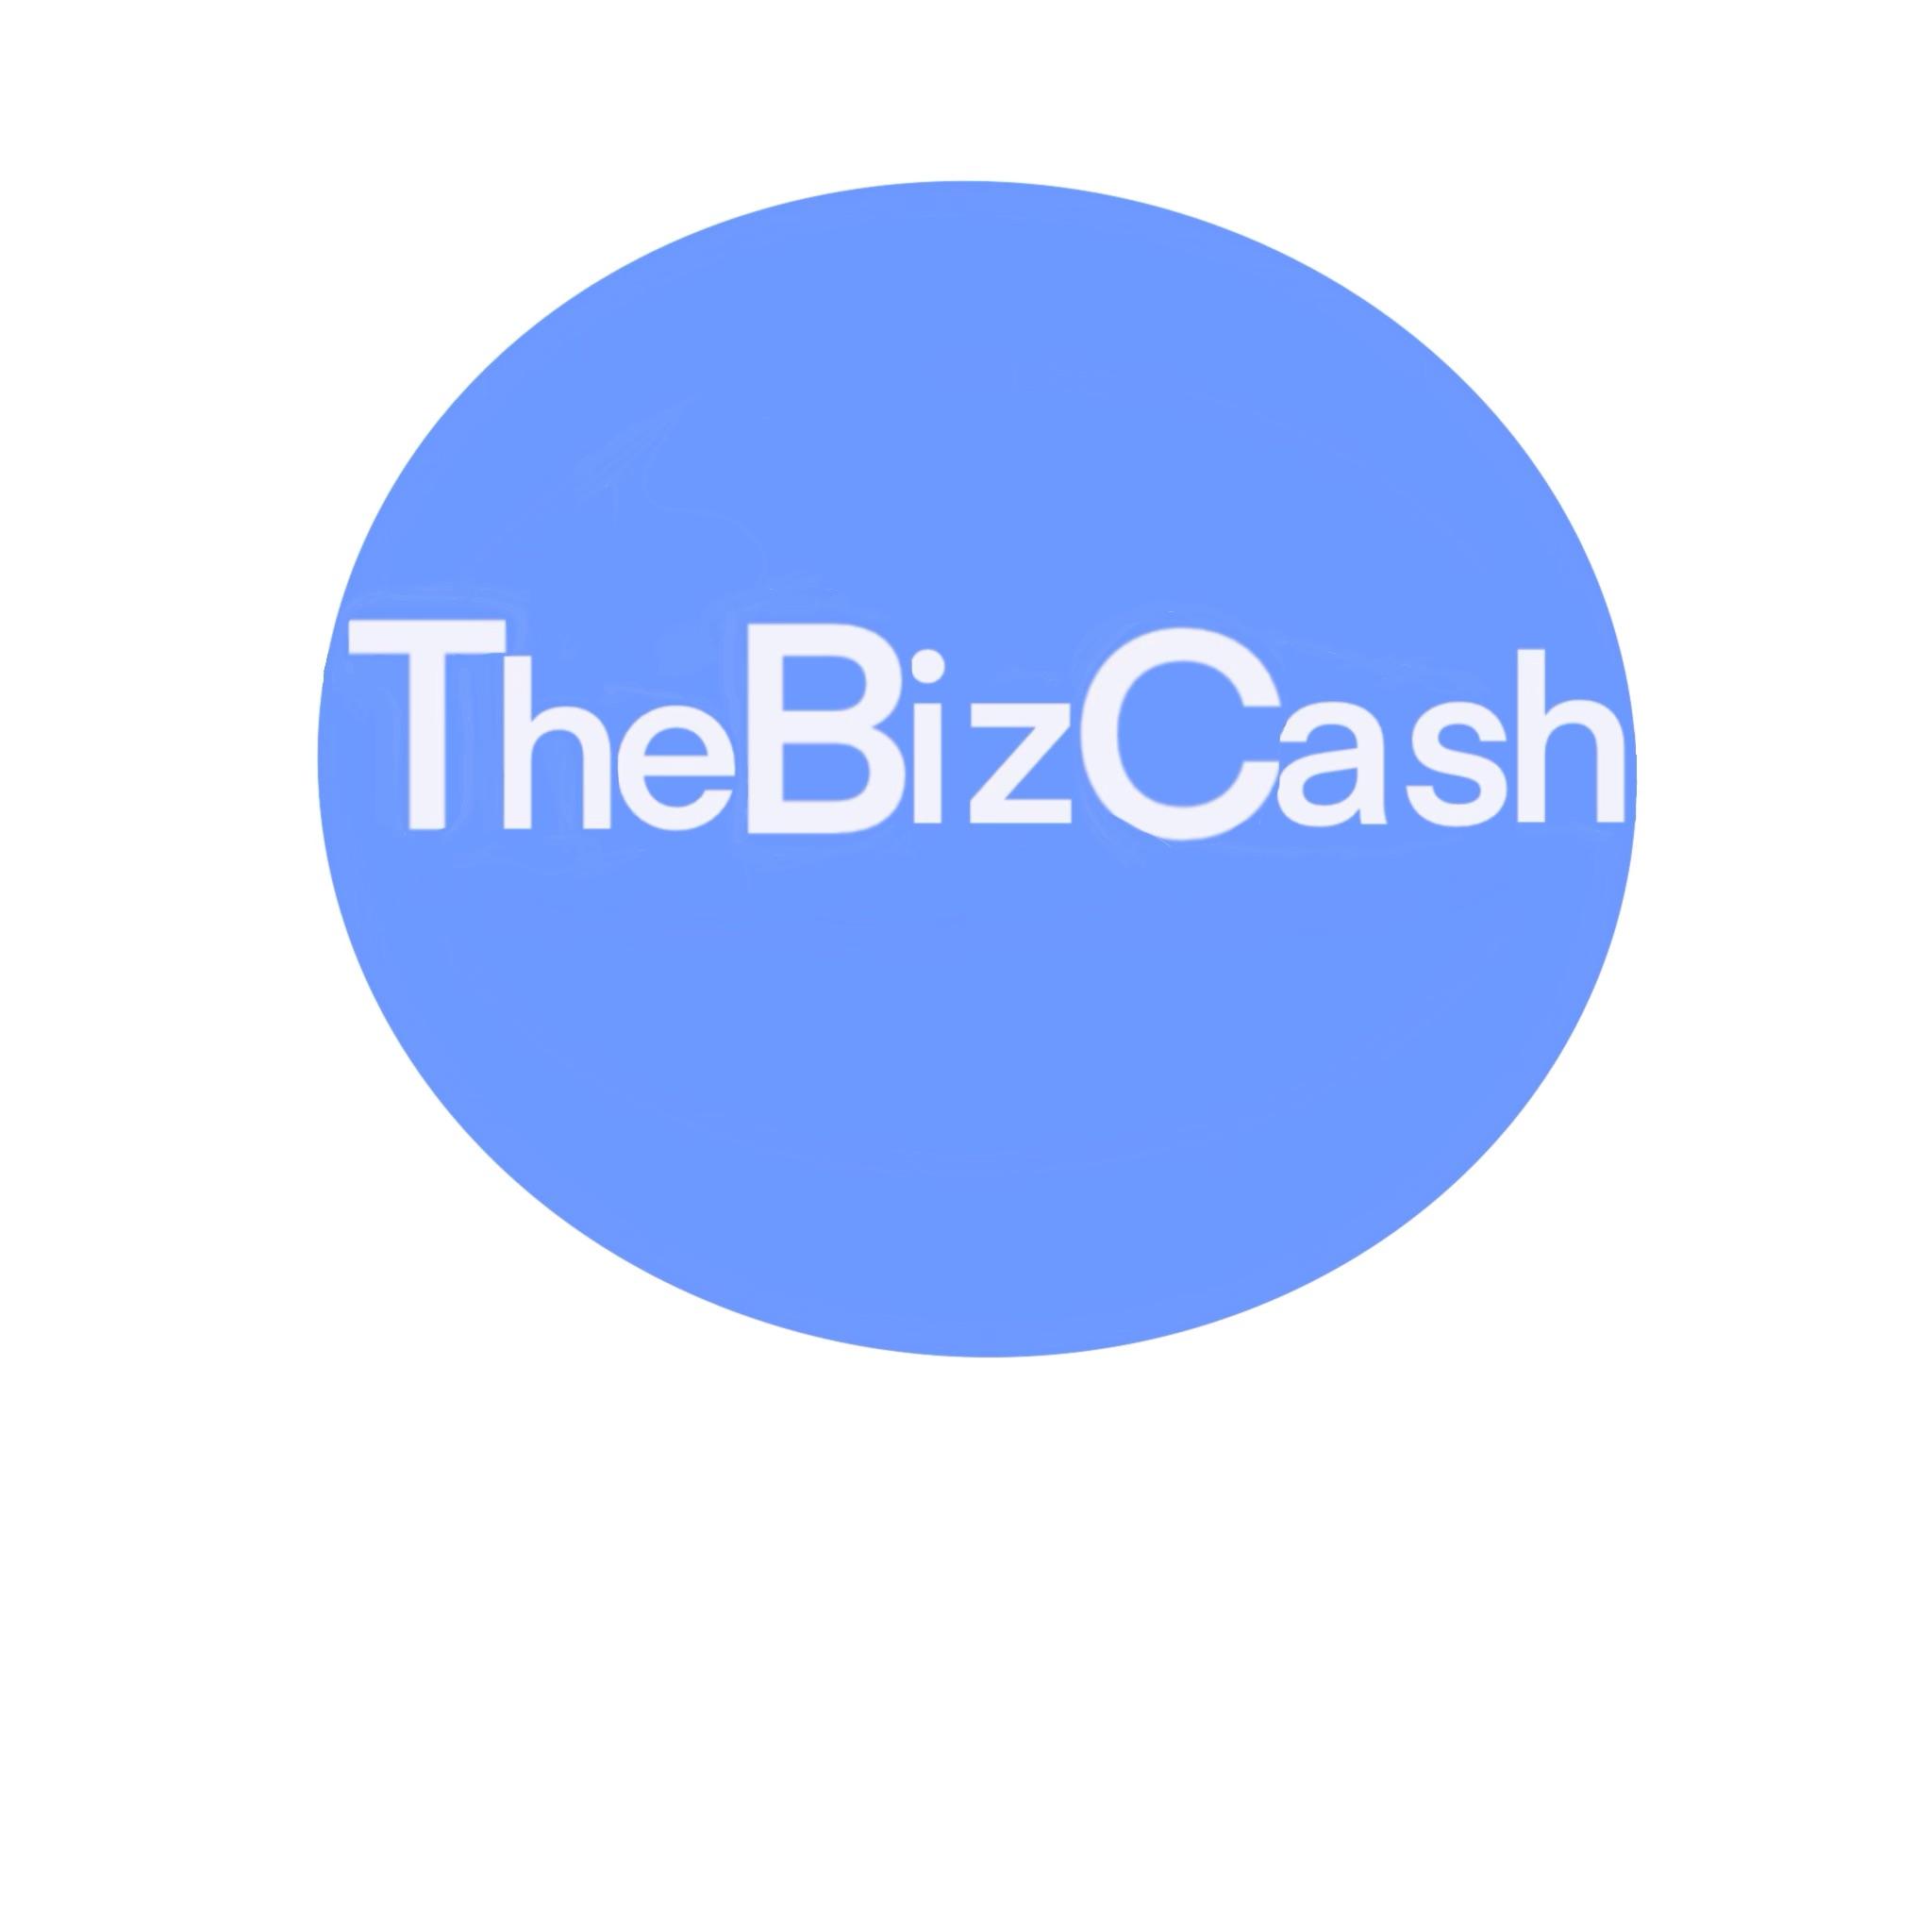 TheBizCash